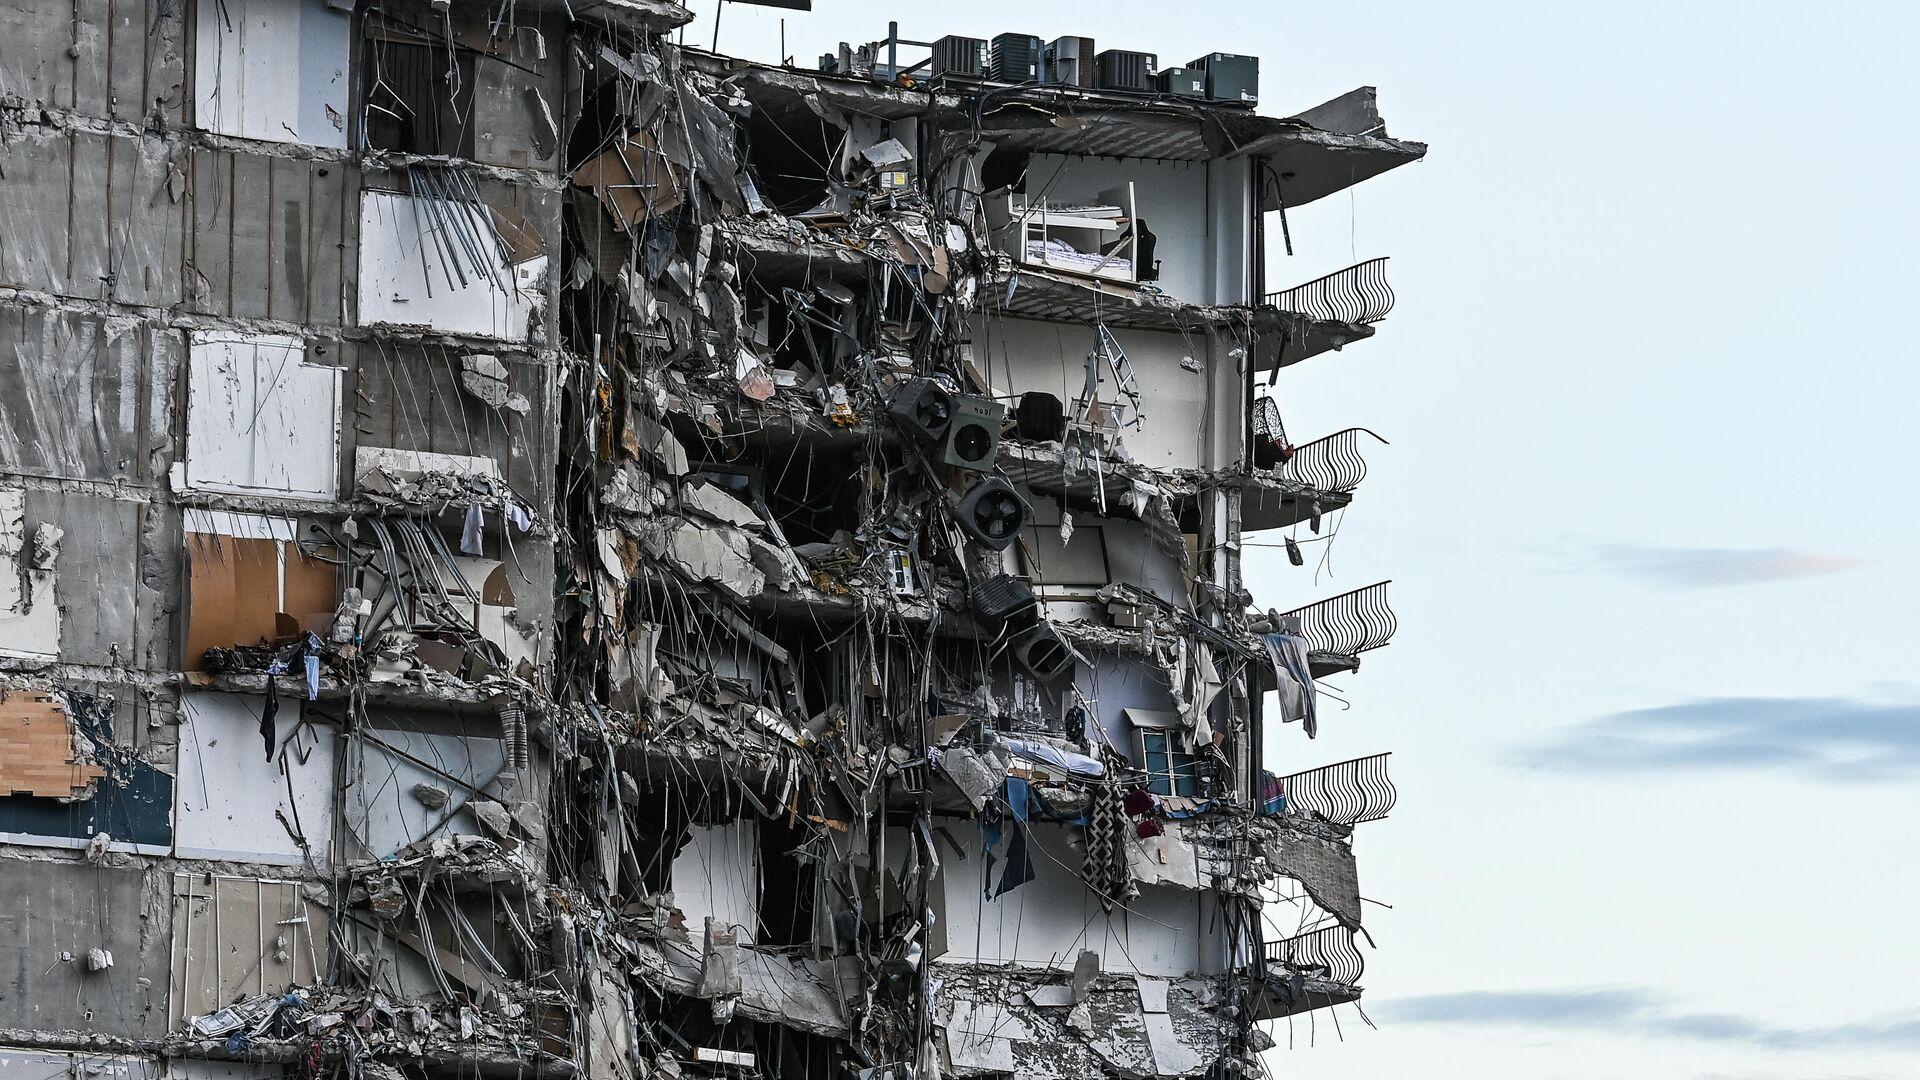 Parte del condominio colapsado en Miami el 24 de junio, 2021 - Sputnik Mundo, 1920, 24.06.2021